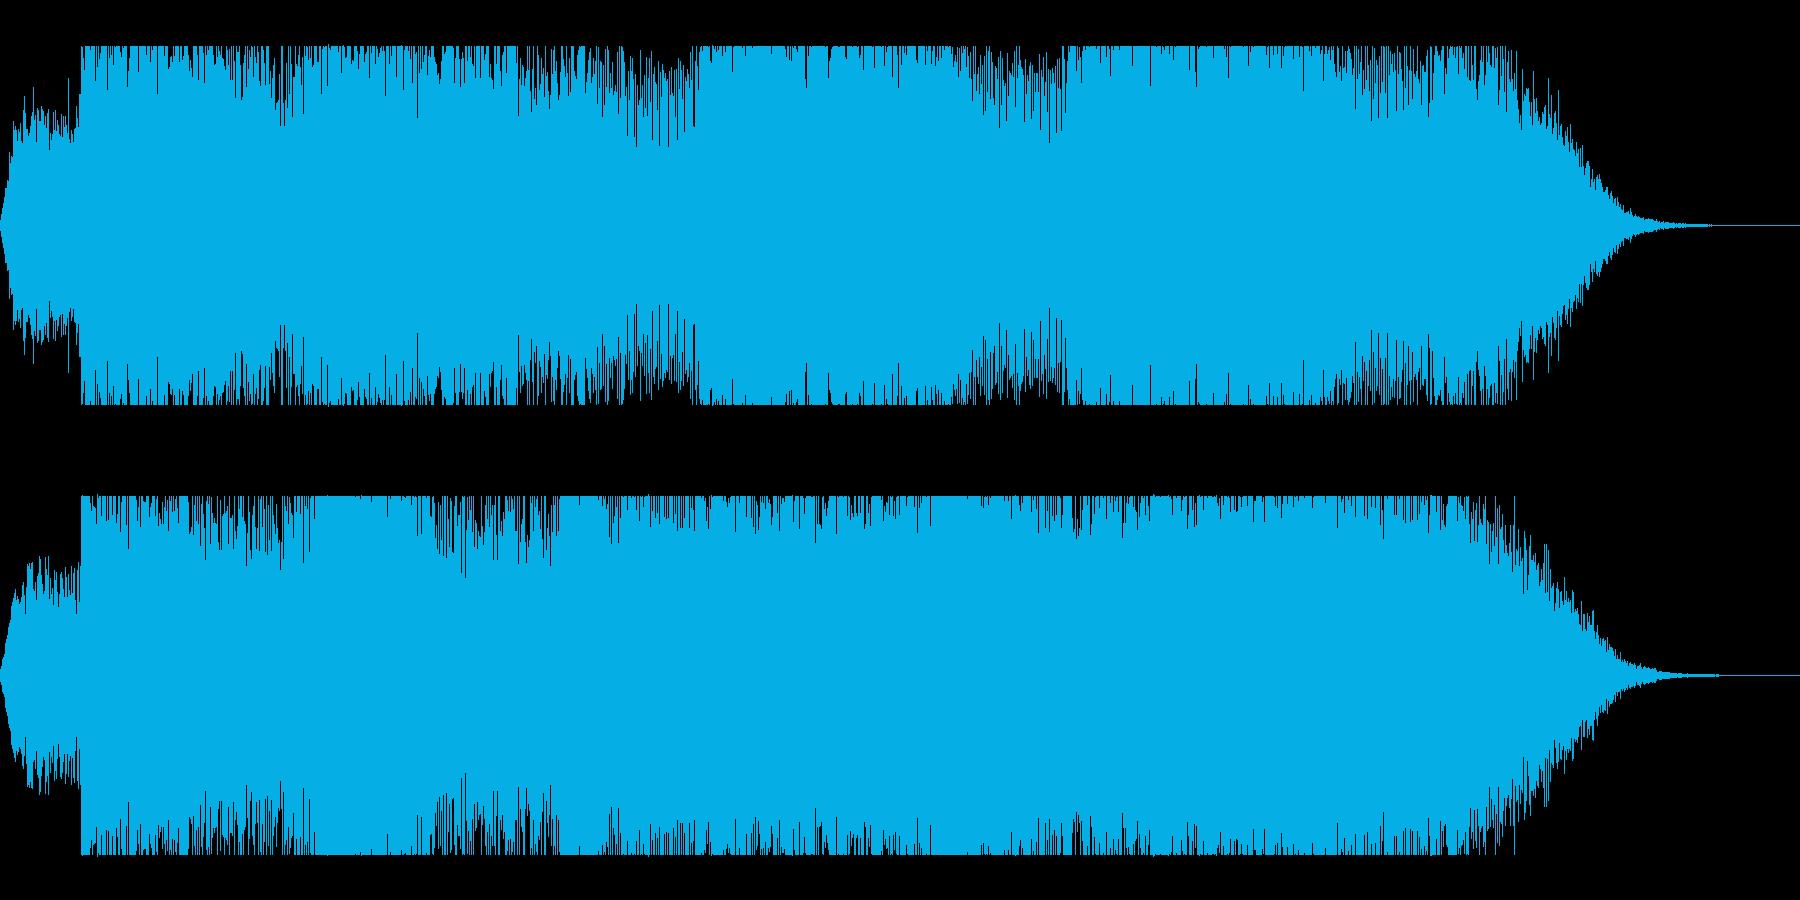 Dark_ホラーで怪しく神秘的-03の再生済みの波形